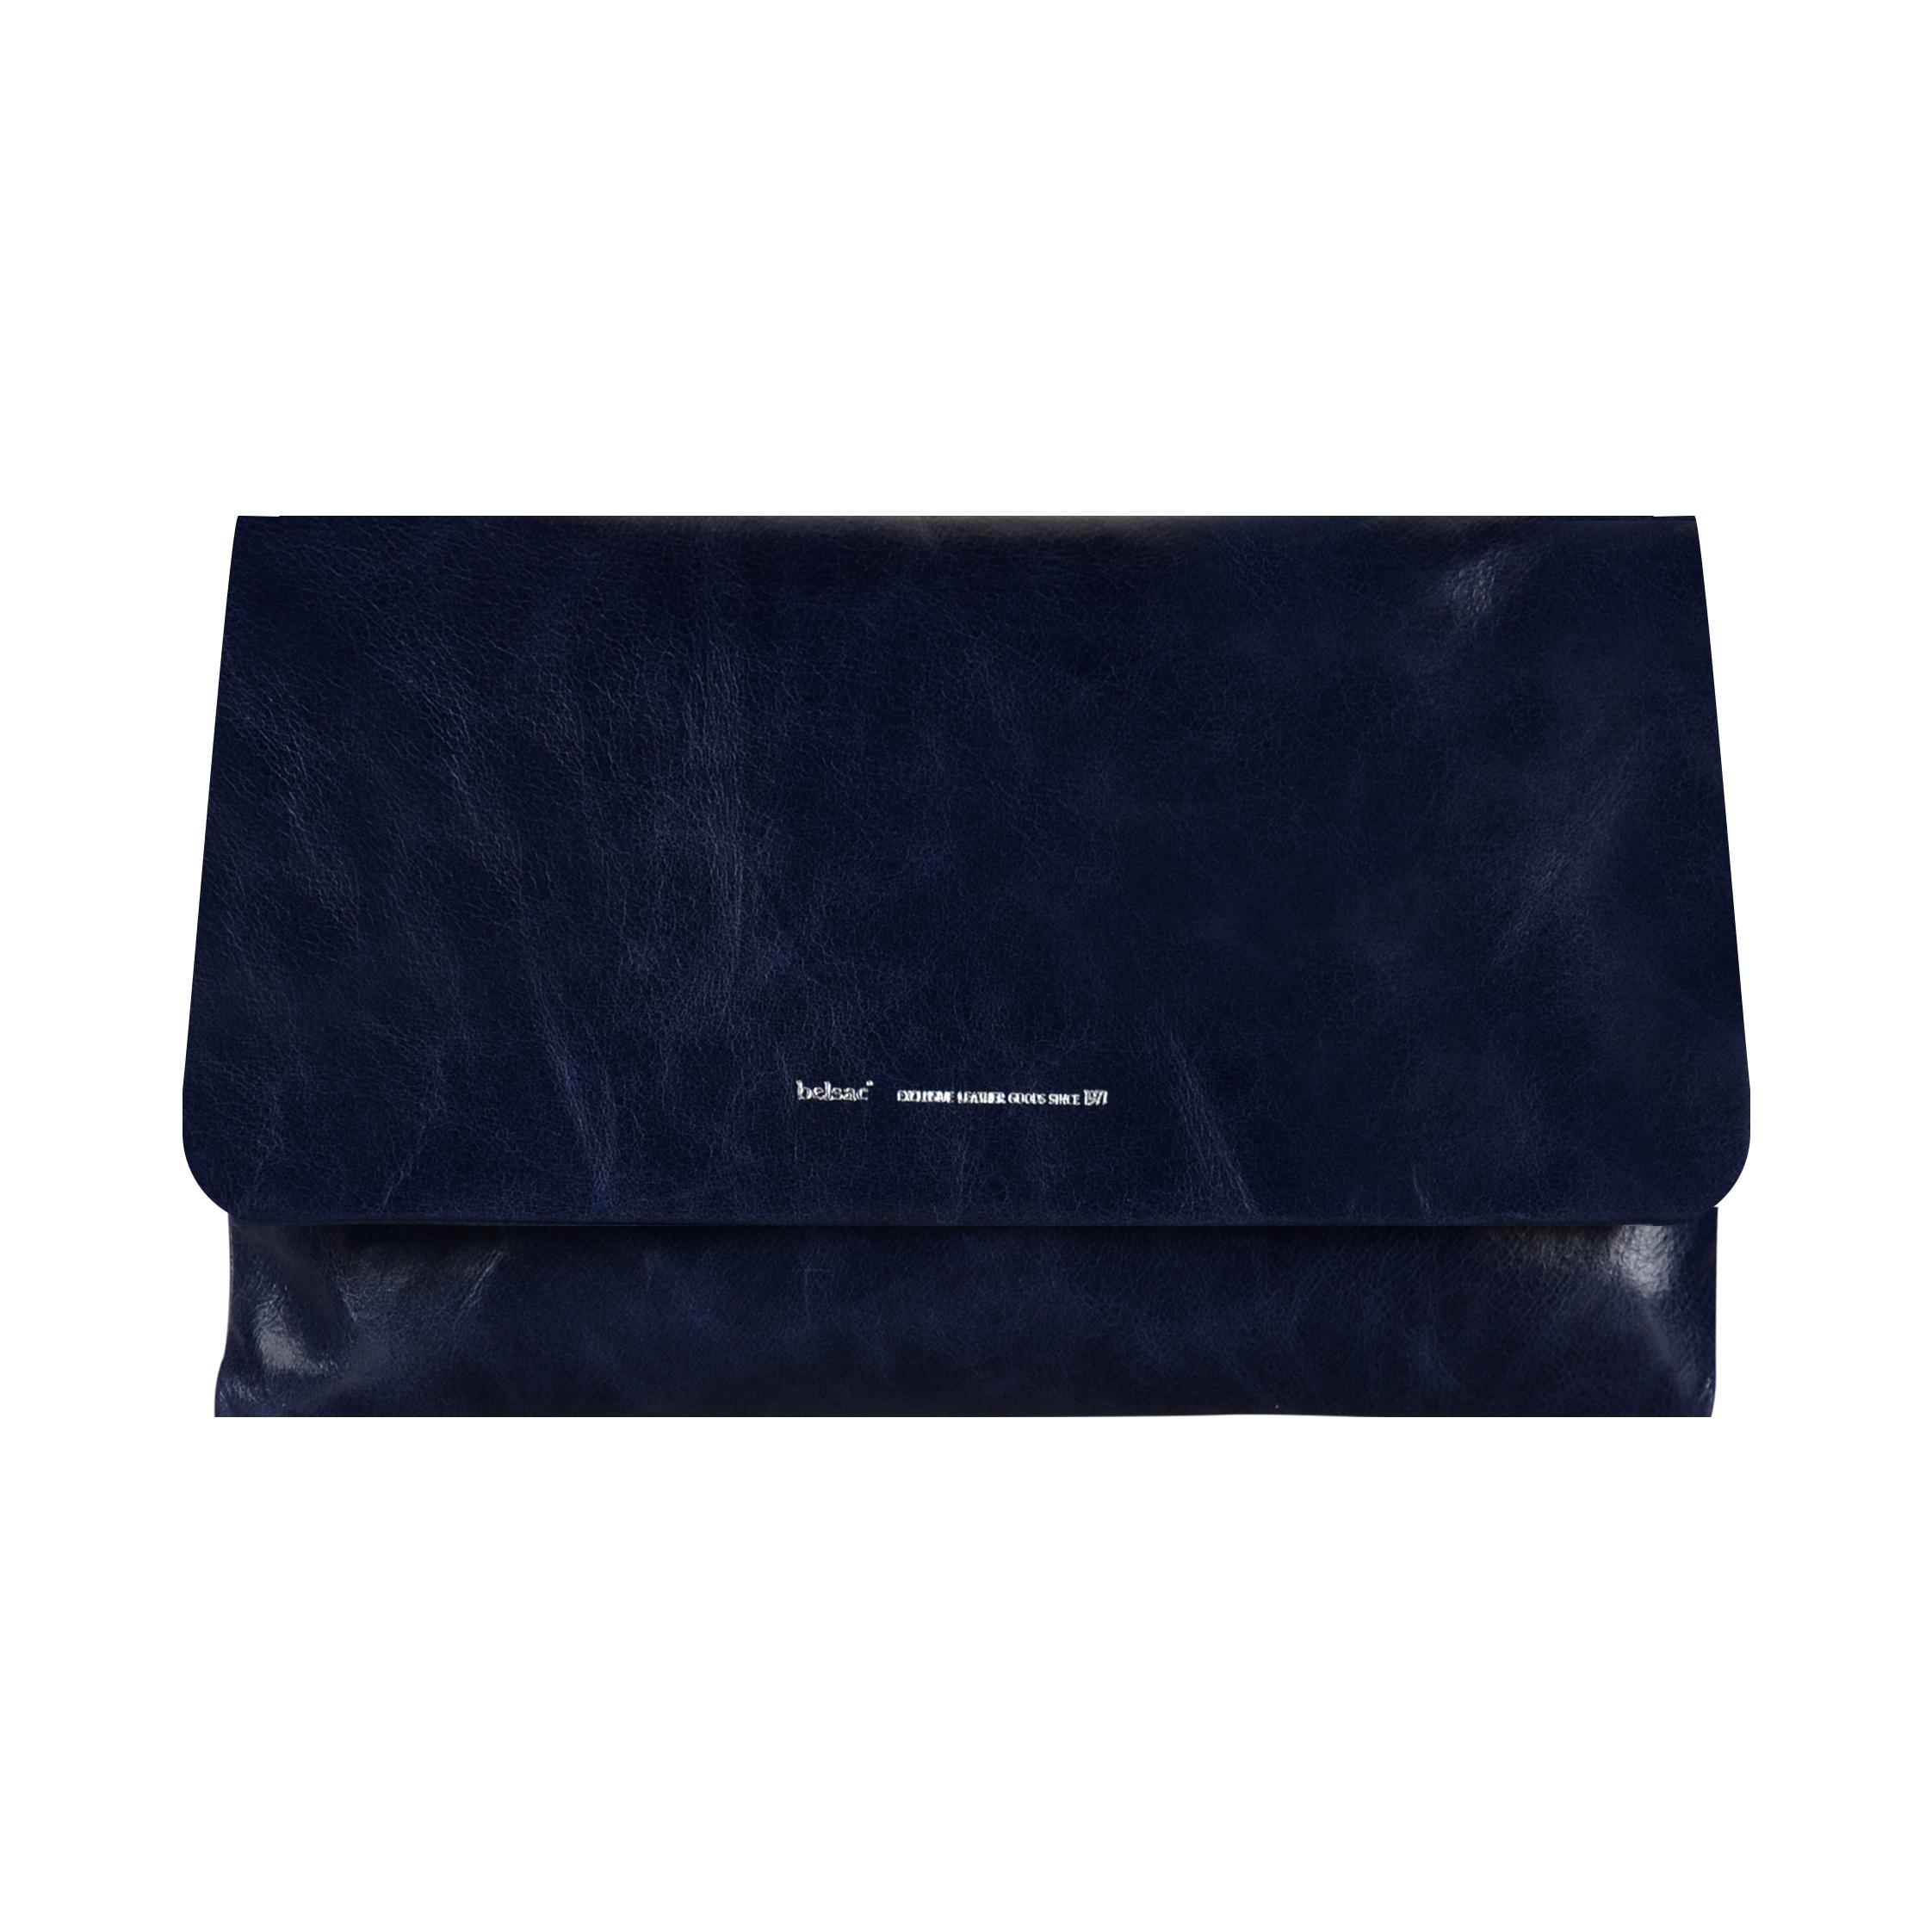 Belsac 13401 håndtaske, blå